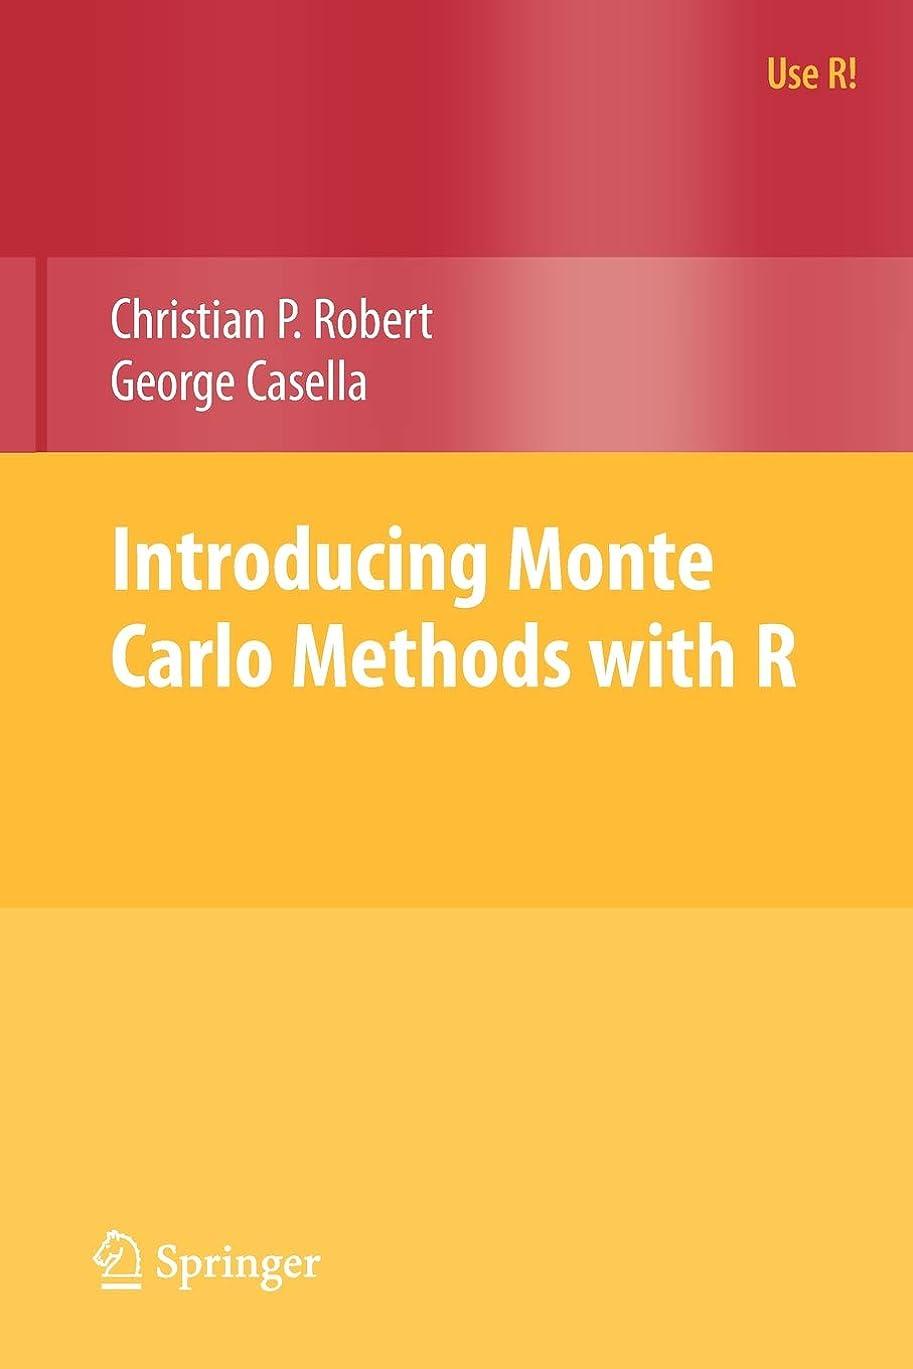 アスペクト歩き回る関連するIntroducing Monte Carlo Methods with R (Use R!)